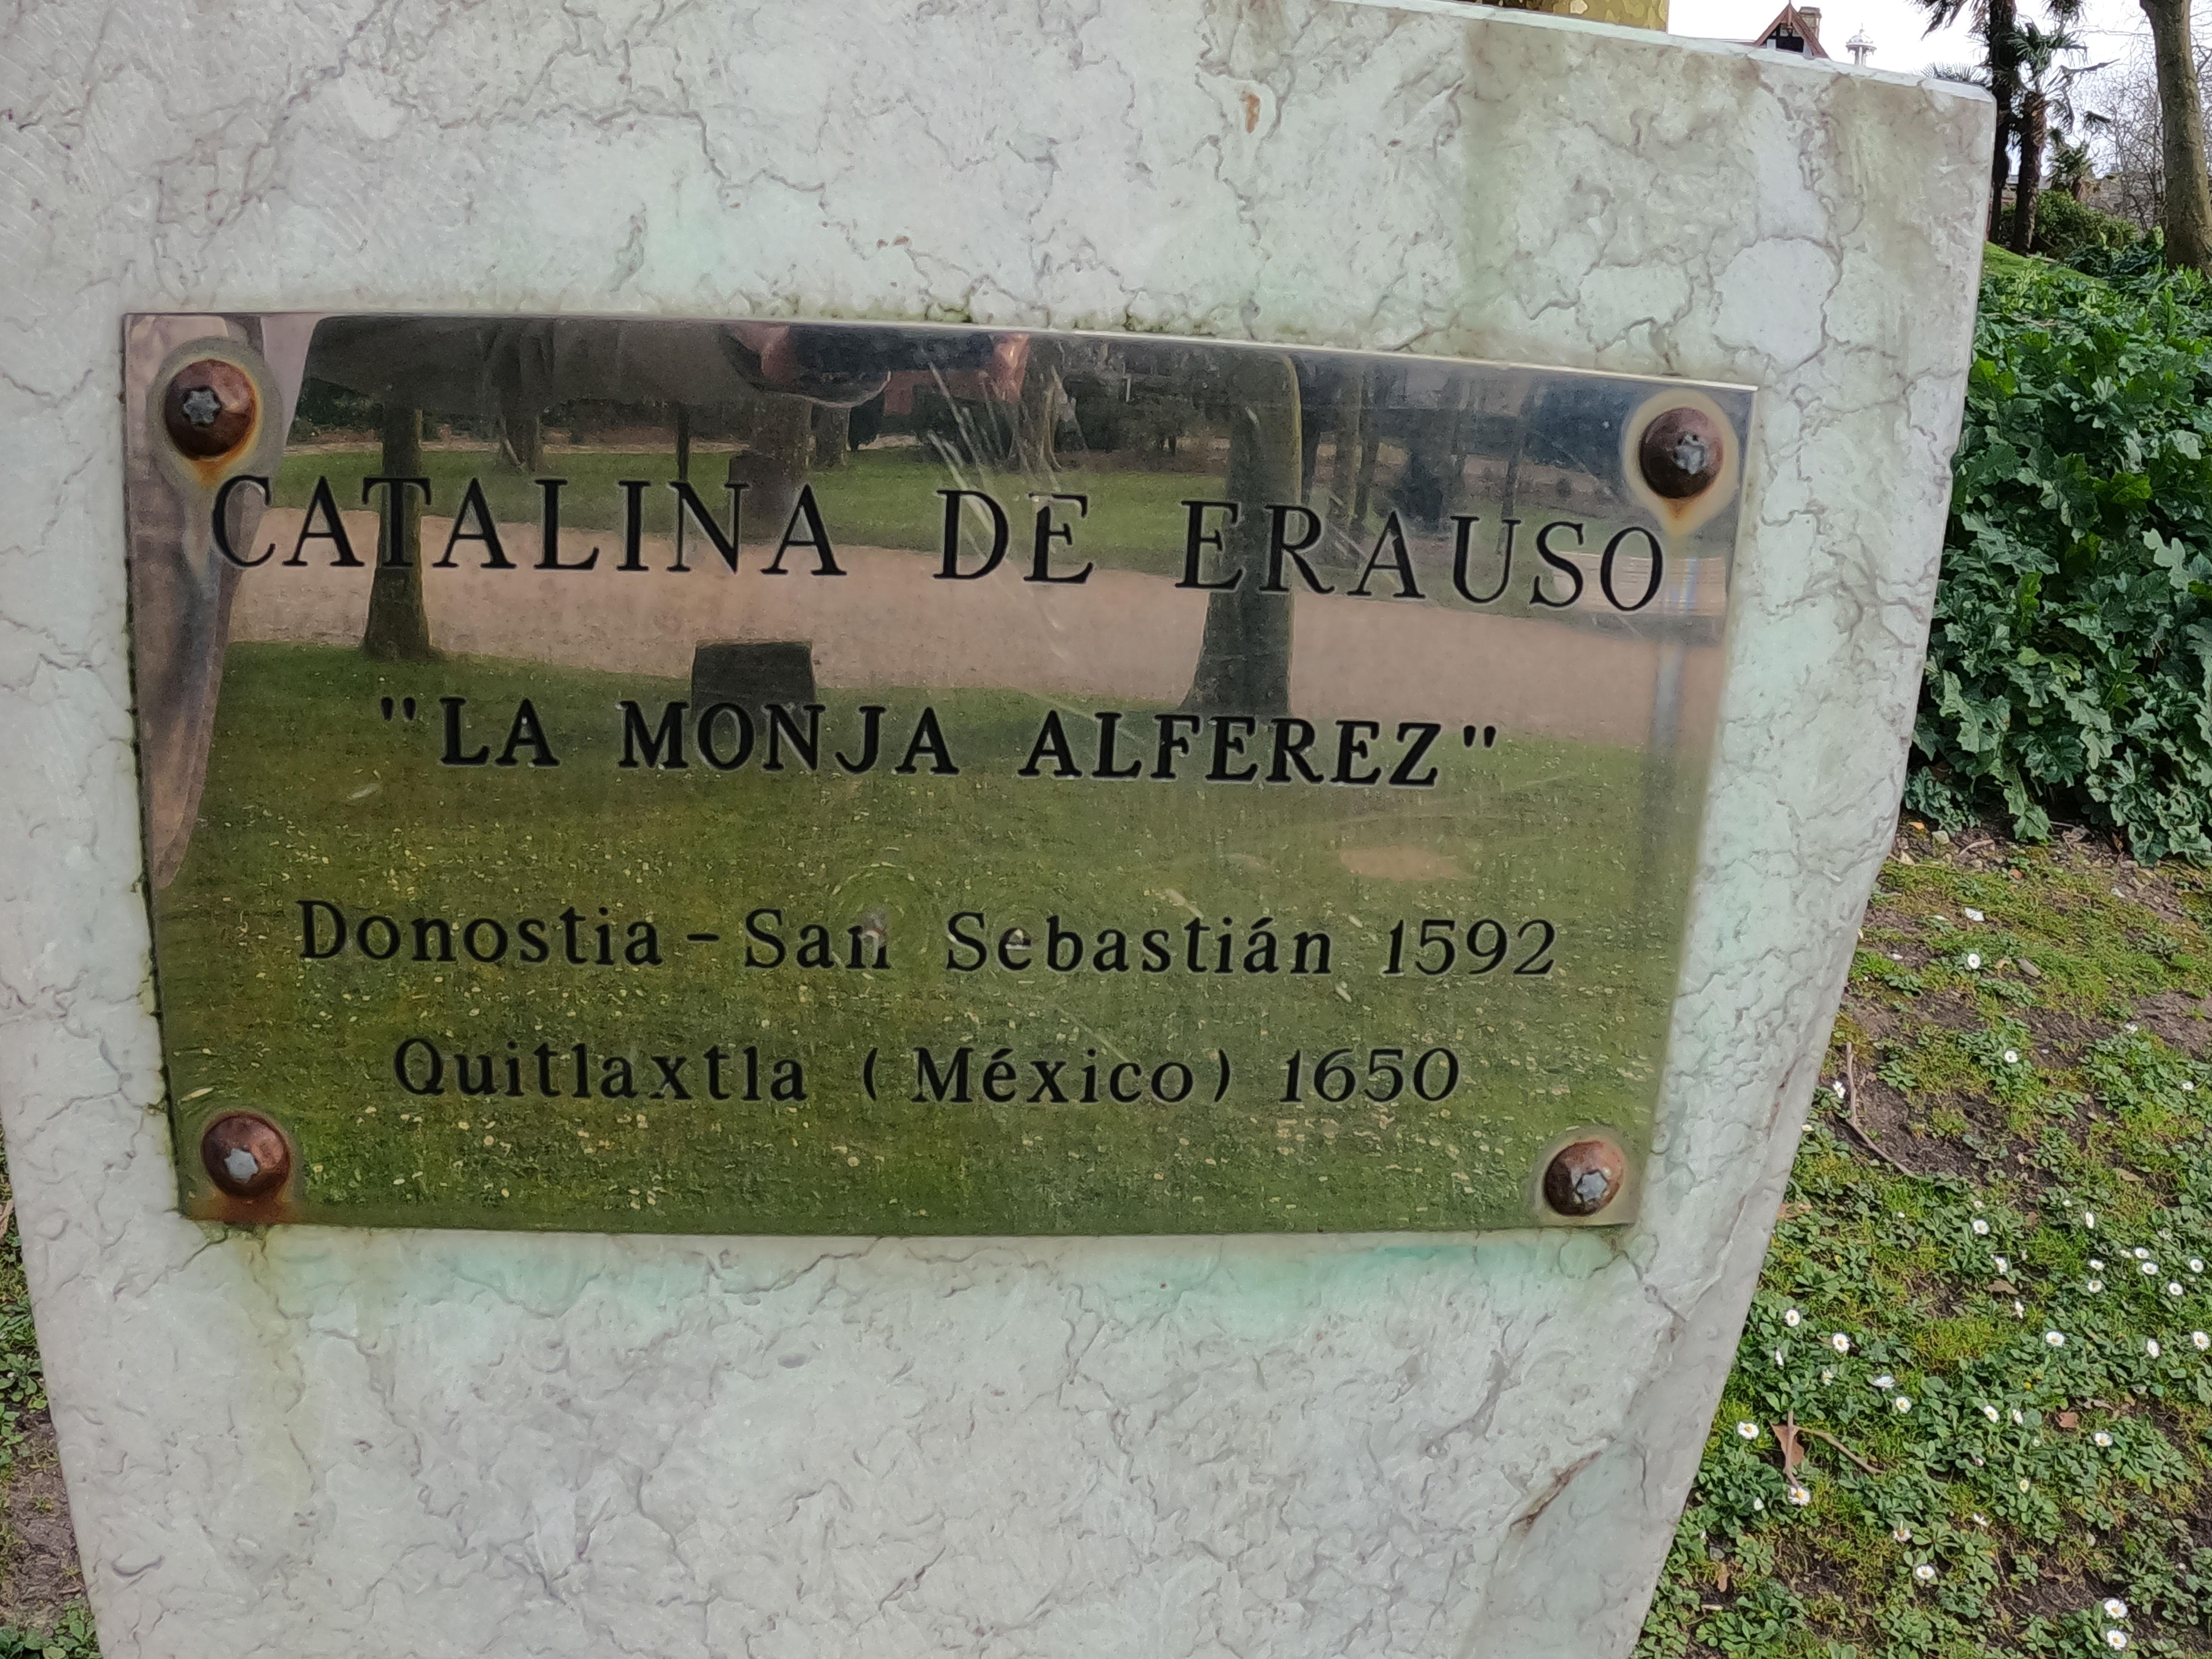 Catalina de Erauso